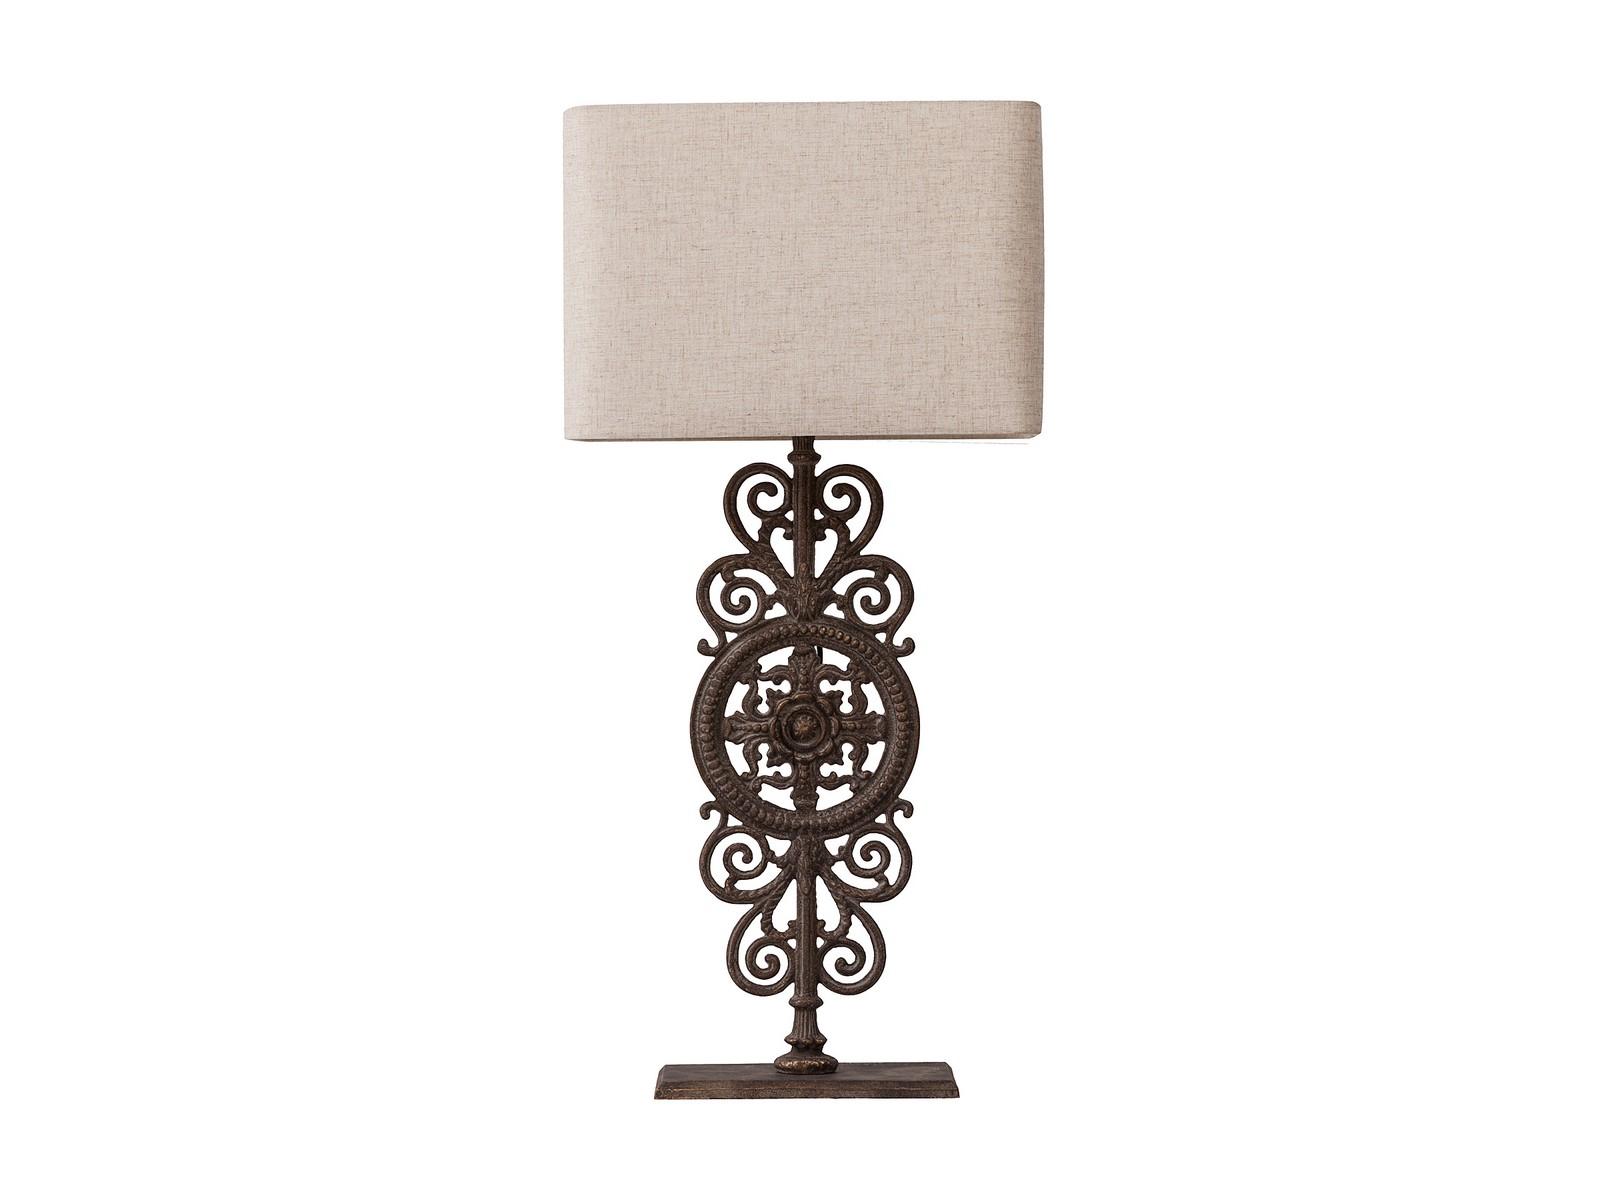 Настольная лампа SofraДекоративные лампы<br>Оригинальная настольная лампа Sofra на металлической ножке с великолепным узором резко контрастирует с простым, оформленным в нейтральном бежевом цвете и строгом стиле абажуром лампы. Создаст уютную обстановку в доме, прекрасно подойдет в качестве подарка, обязательно покорит почитателей всего редкого и необычного. Предназначена для использования со светодиодными лампами.&amp;lt;div&amp;gt;&amp;lt;br&amp;gt;&amp;lt;/div&amp;gt;&amp;lt;div&amp;gt;&amp;lt;div&amp;gt;Вид цоколя: Е27&amp;lt;/div&amp;gt;&amp;lt;div&amp;gt;Мощность лампы: 60W&amp;lt;/div&amp;gt;&amp;lt;div&amp;gt;Количество ламп: 1&amp;lt;/div&amp;gt;&amp;lt;div&amp;gt;Наличие ламп: нет&amp;lt;/div&amp;gt;&amp;lt;/div&amp;gt;<br><br>Material: Металл<br>Width см: 43<br>Depth см: 23<br>Height см: 90